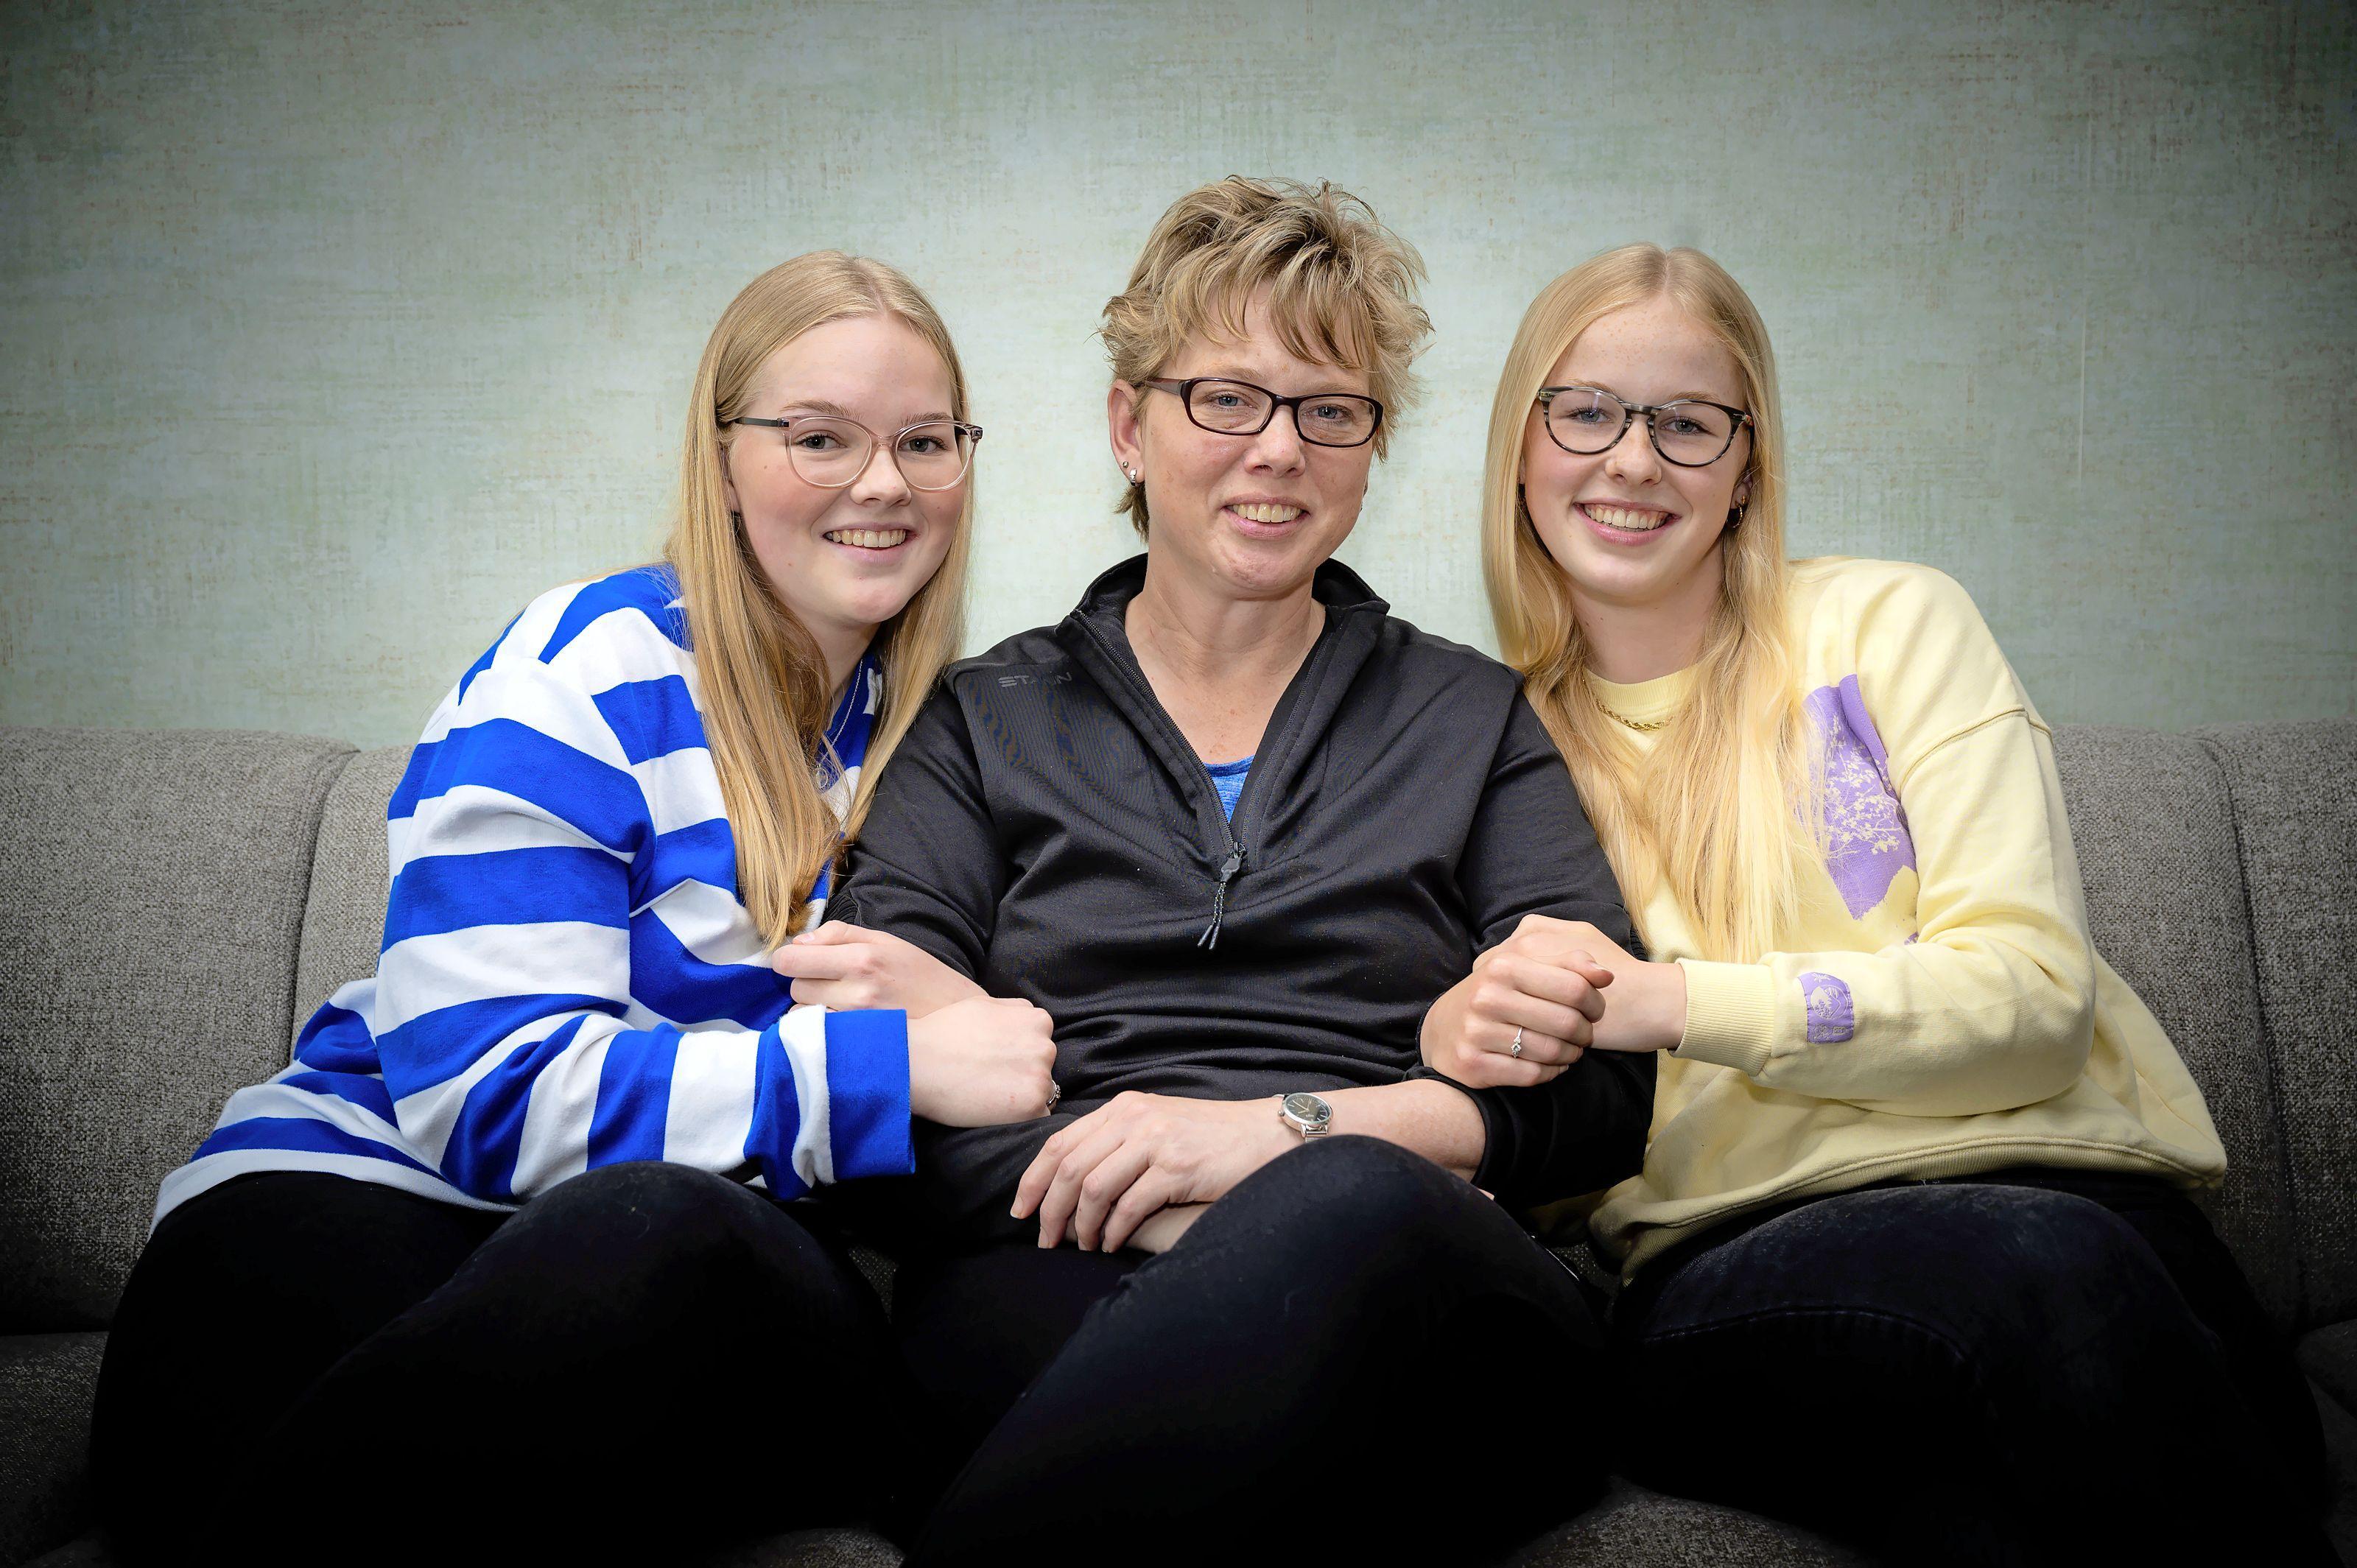 Jonge mantelzorgers - De moeder van Marit (13) en Amber (16) is terminaal ziek. 'Ik bid elke dag dat ze beter wordt en lekker zal slapen die nacht'